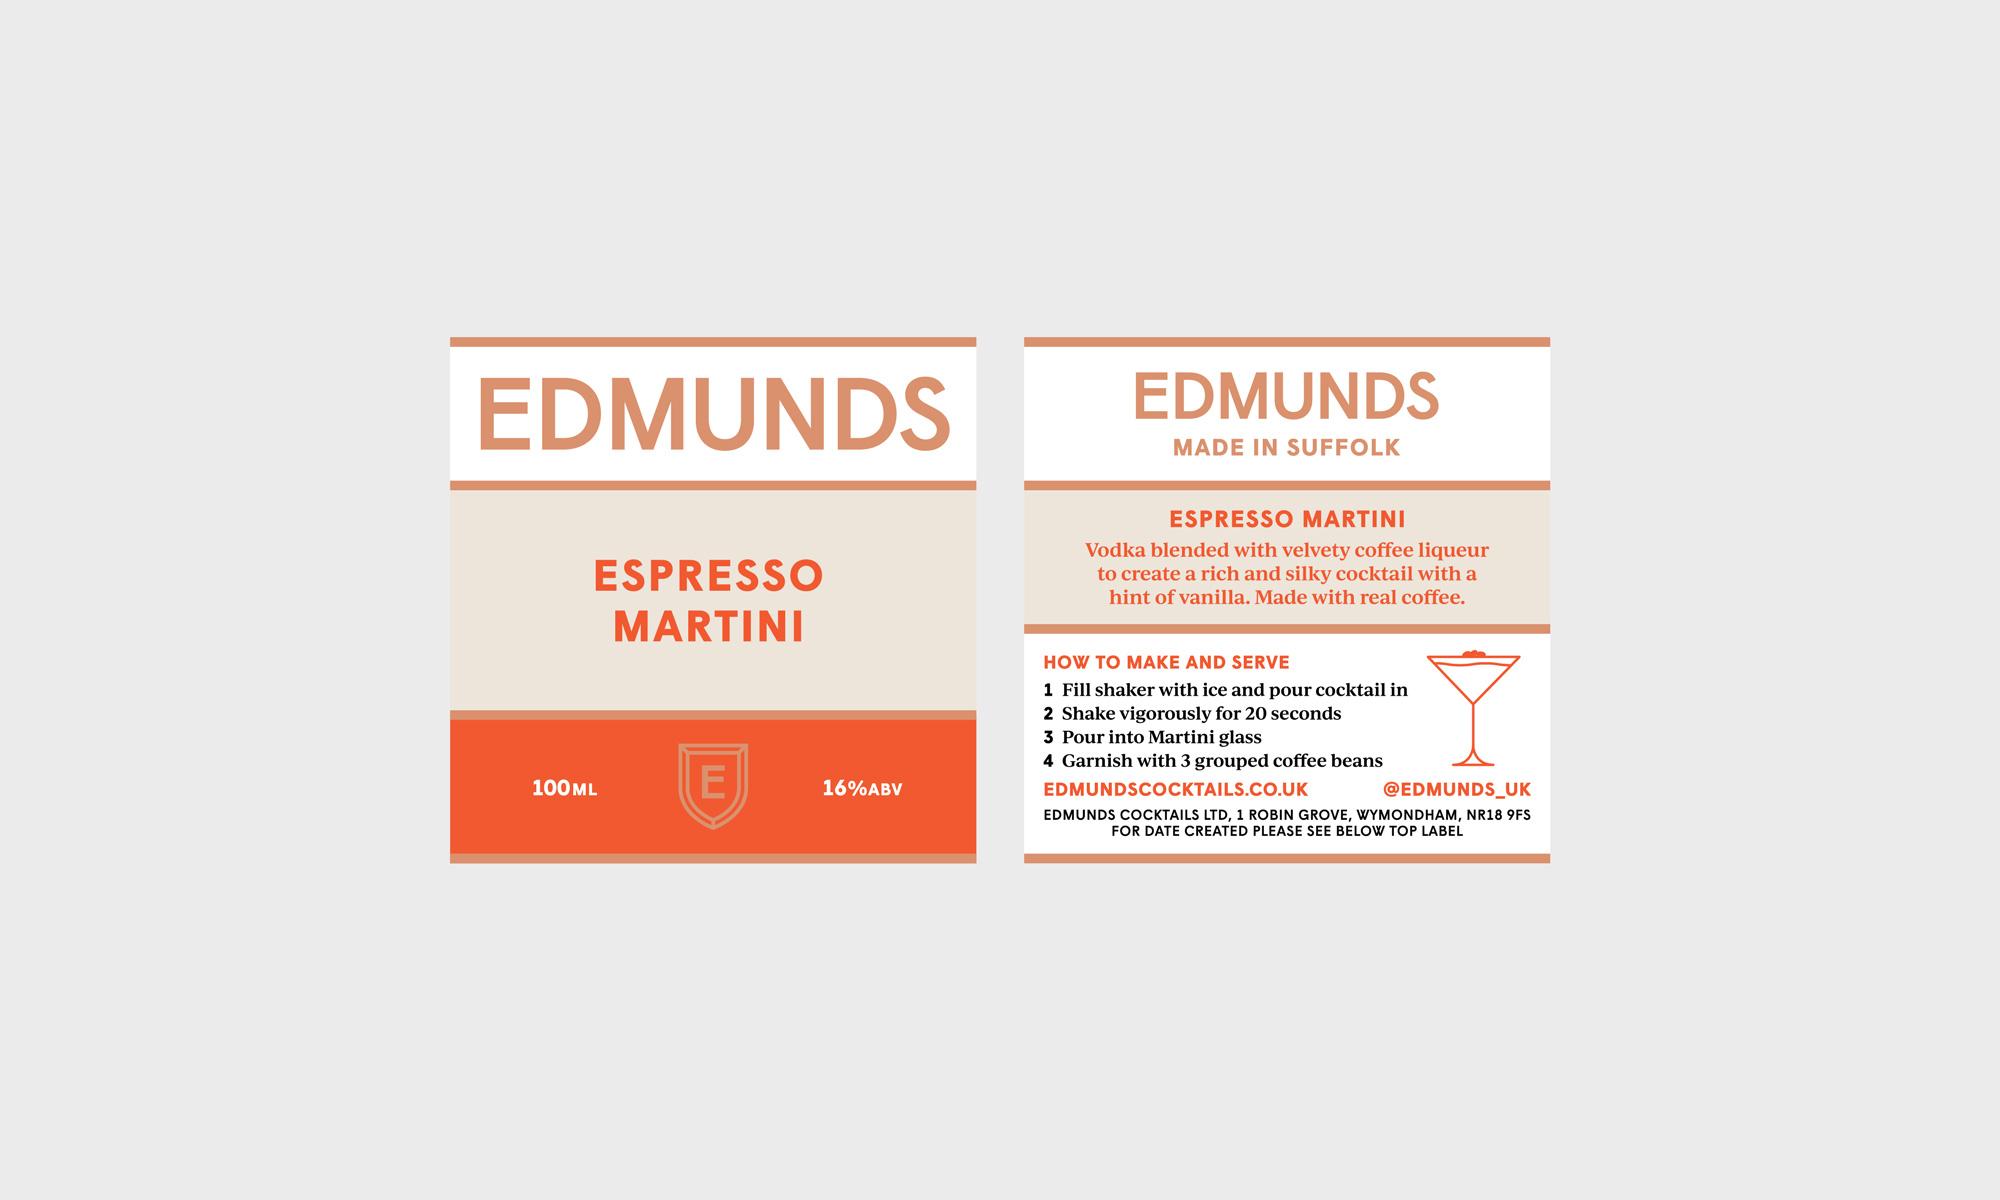 Portfolio-Images_Edmunds_1x20.jpg